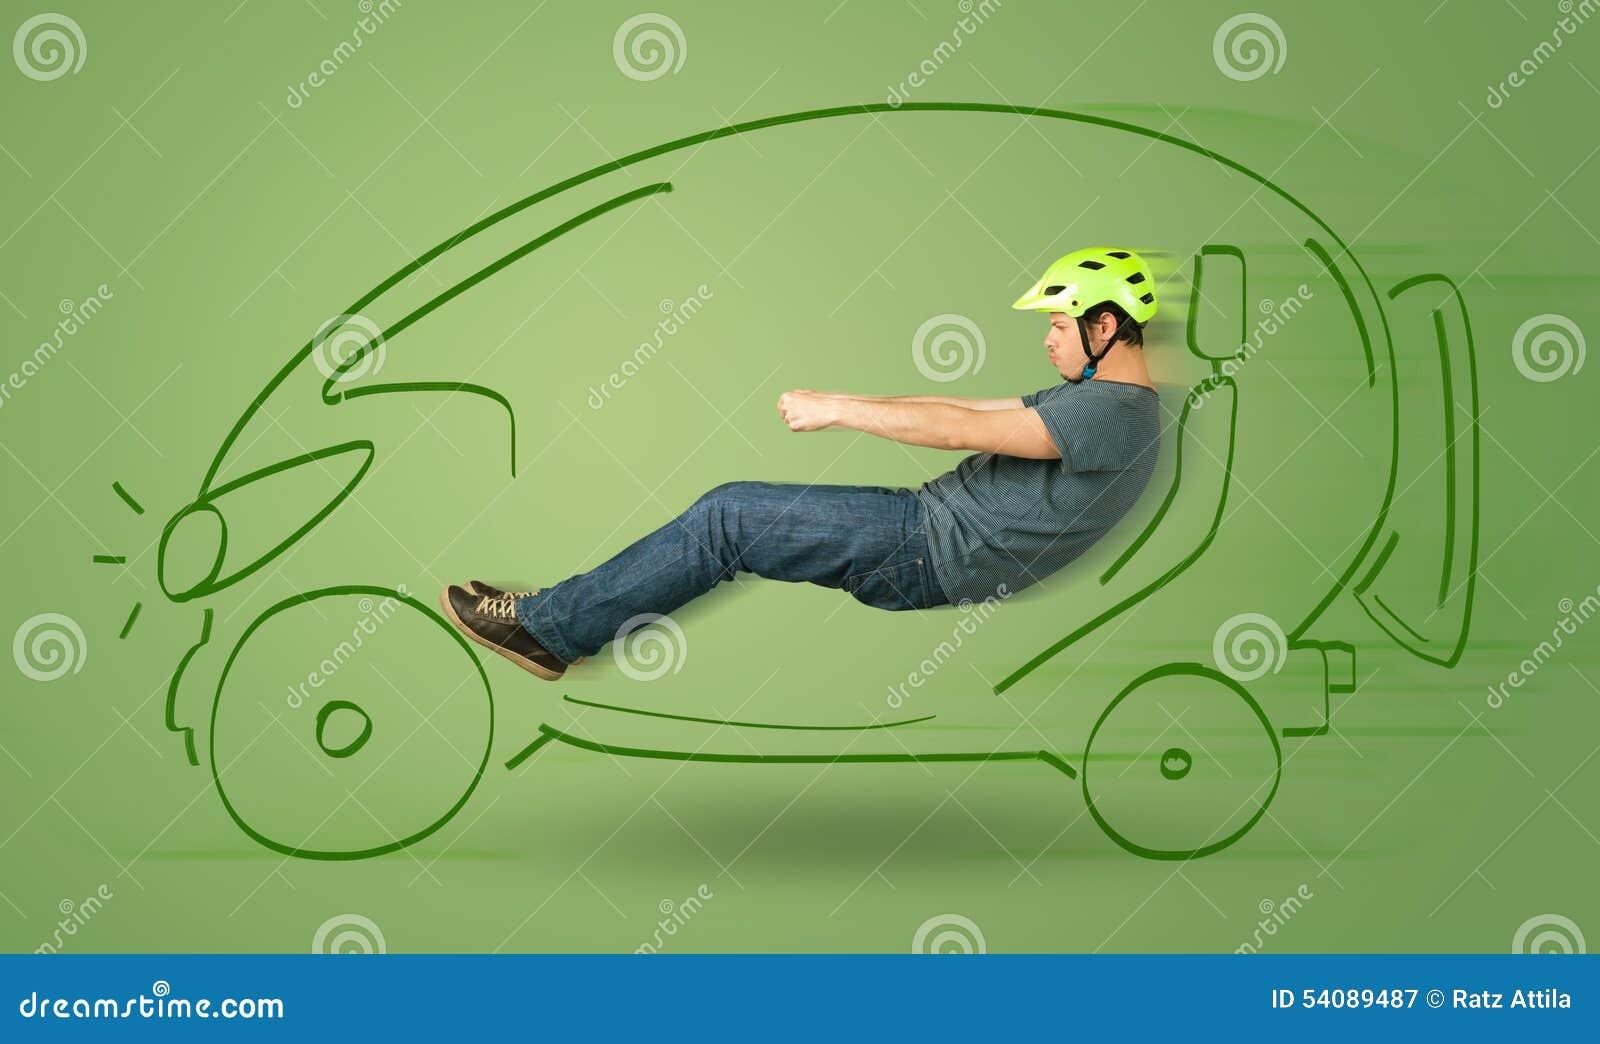 De mens drijft een eco friendy elektrische hand getrokken auto